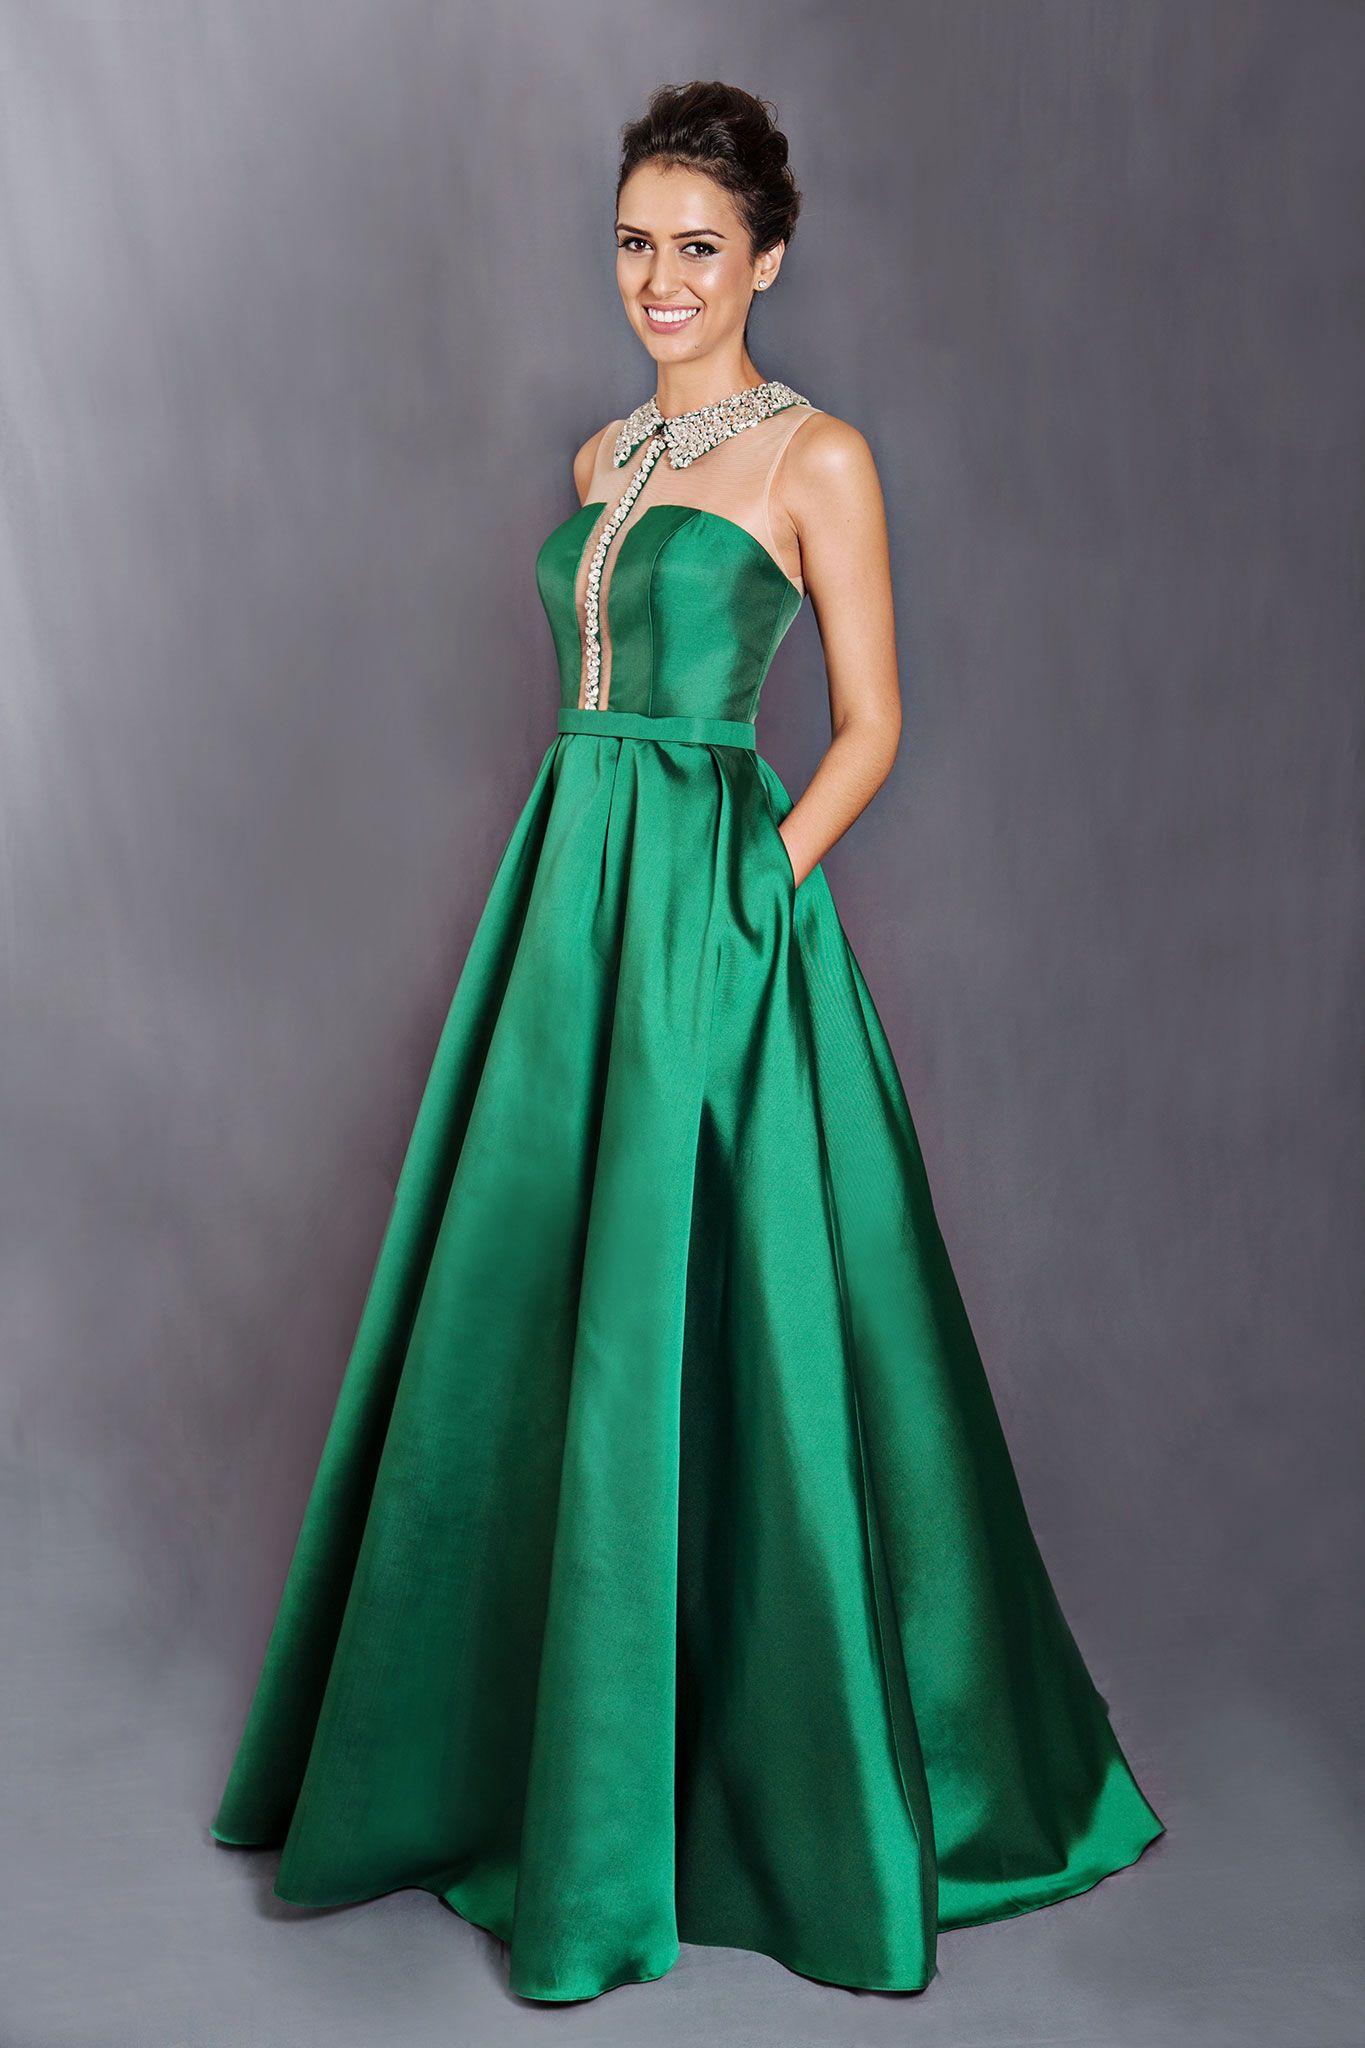 46a784850e Vestido verde longo com gola e bolsos - Silvia Fregonese